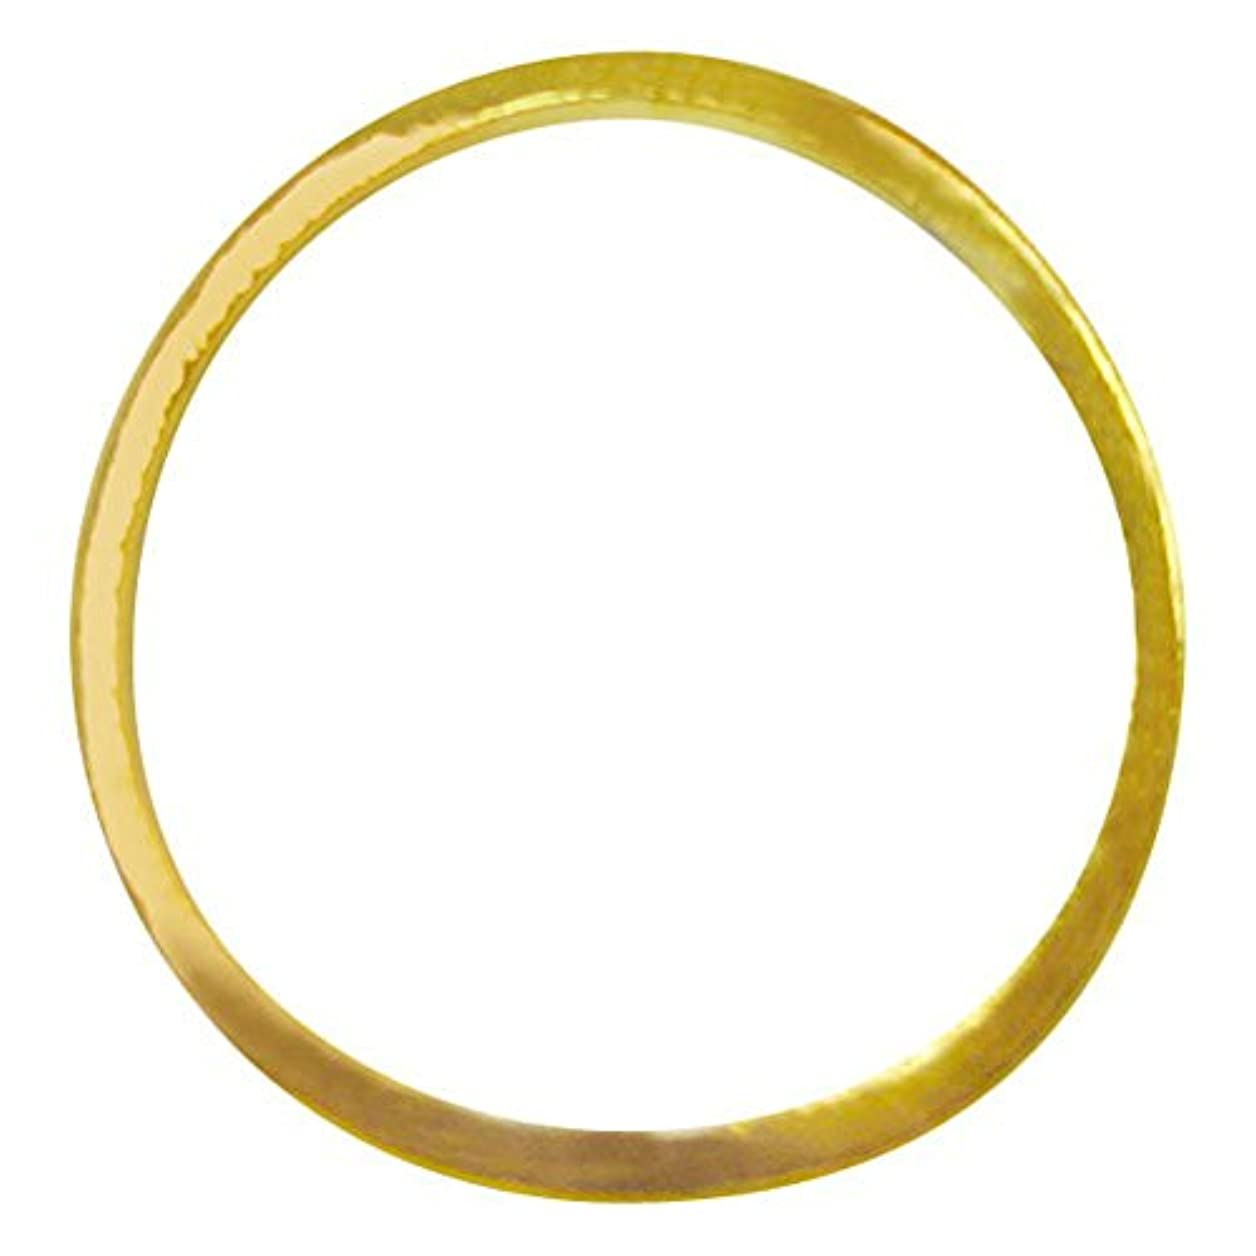 ポータブルゲージアスペクトジェルネイル  サンシャインベビー シンプル ラウンドフレームL(ゴールド) 10P